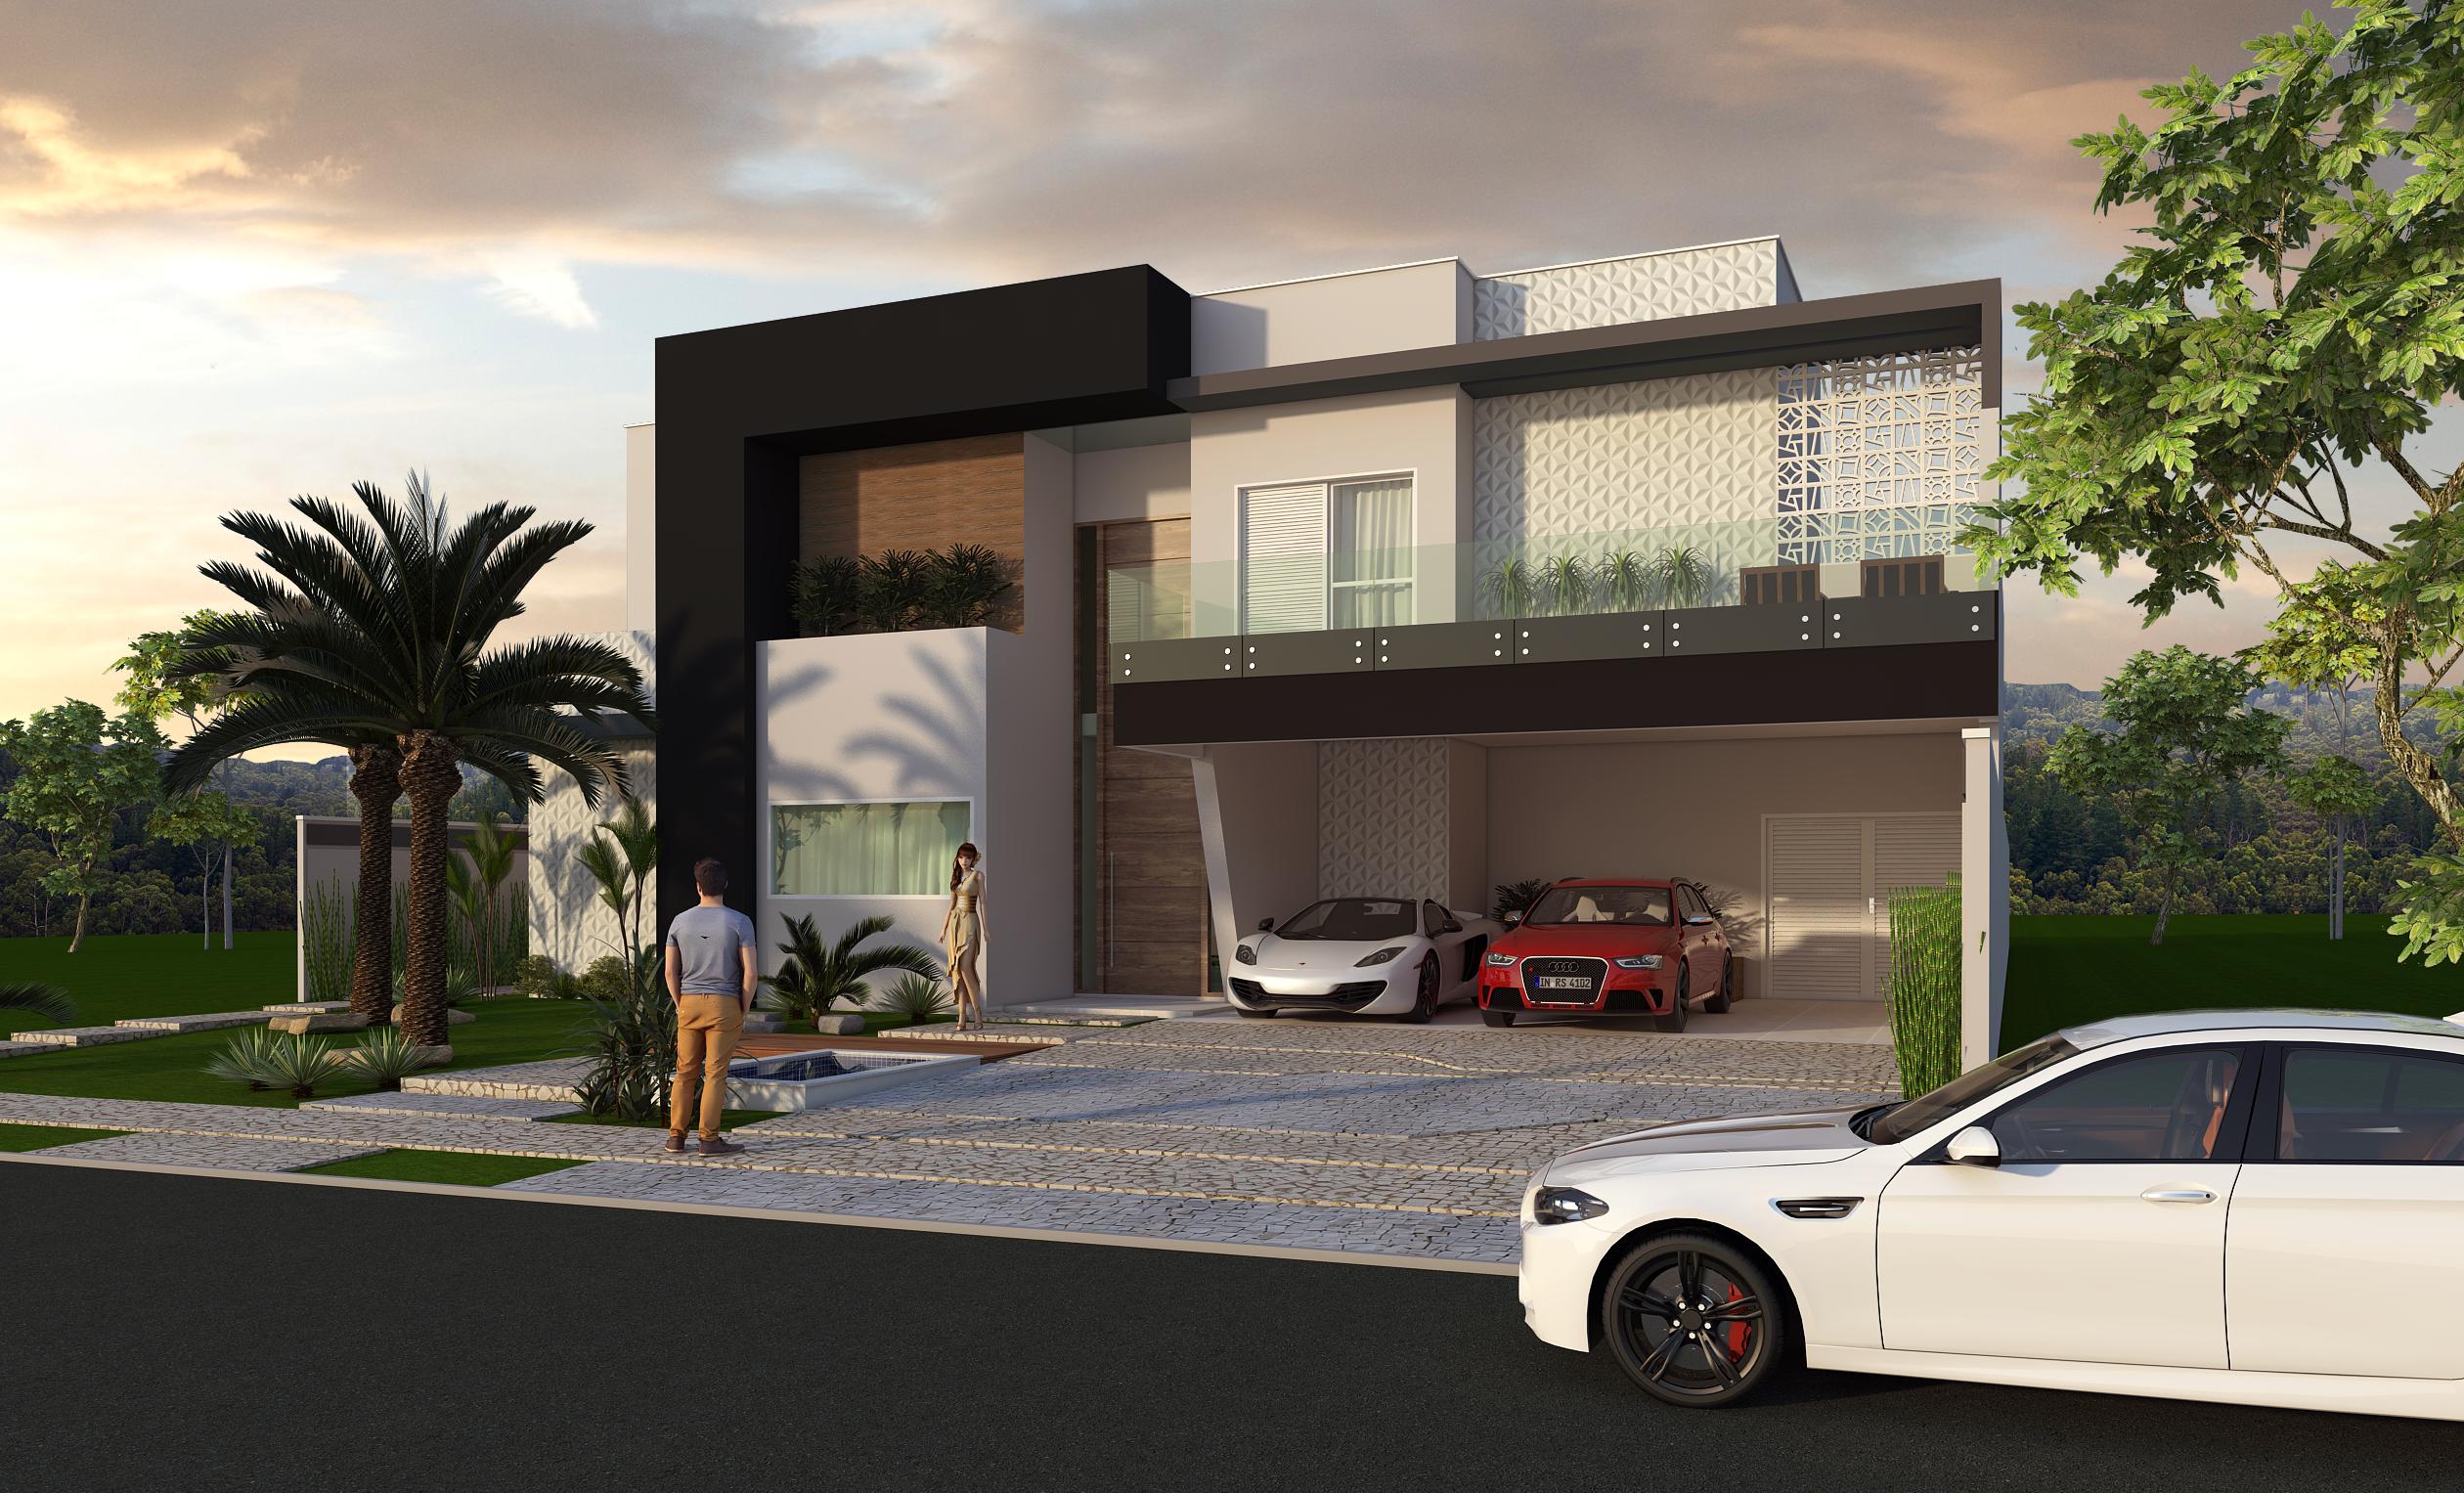 Conhe a esse belo projeto planta casa sobrado fachada for Casa moderna habbo 2017